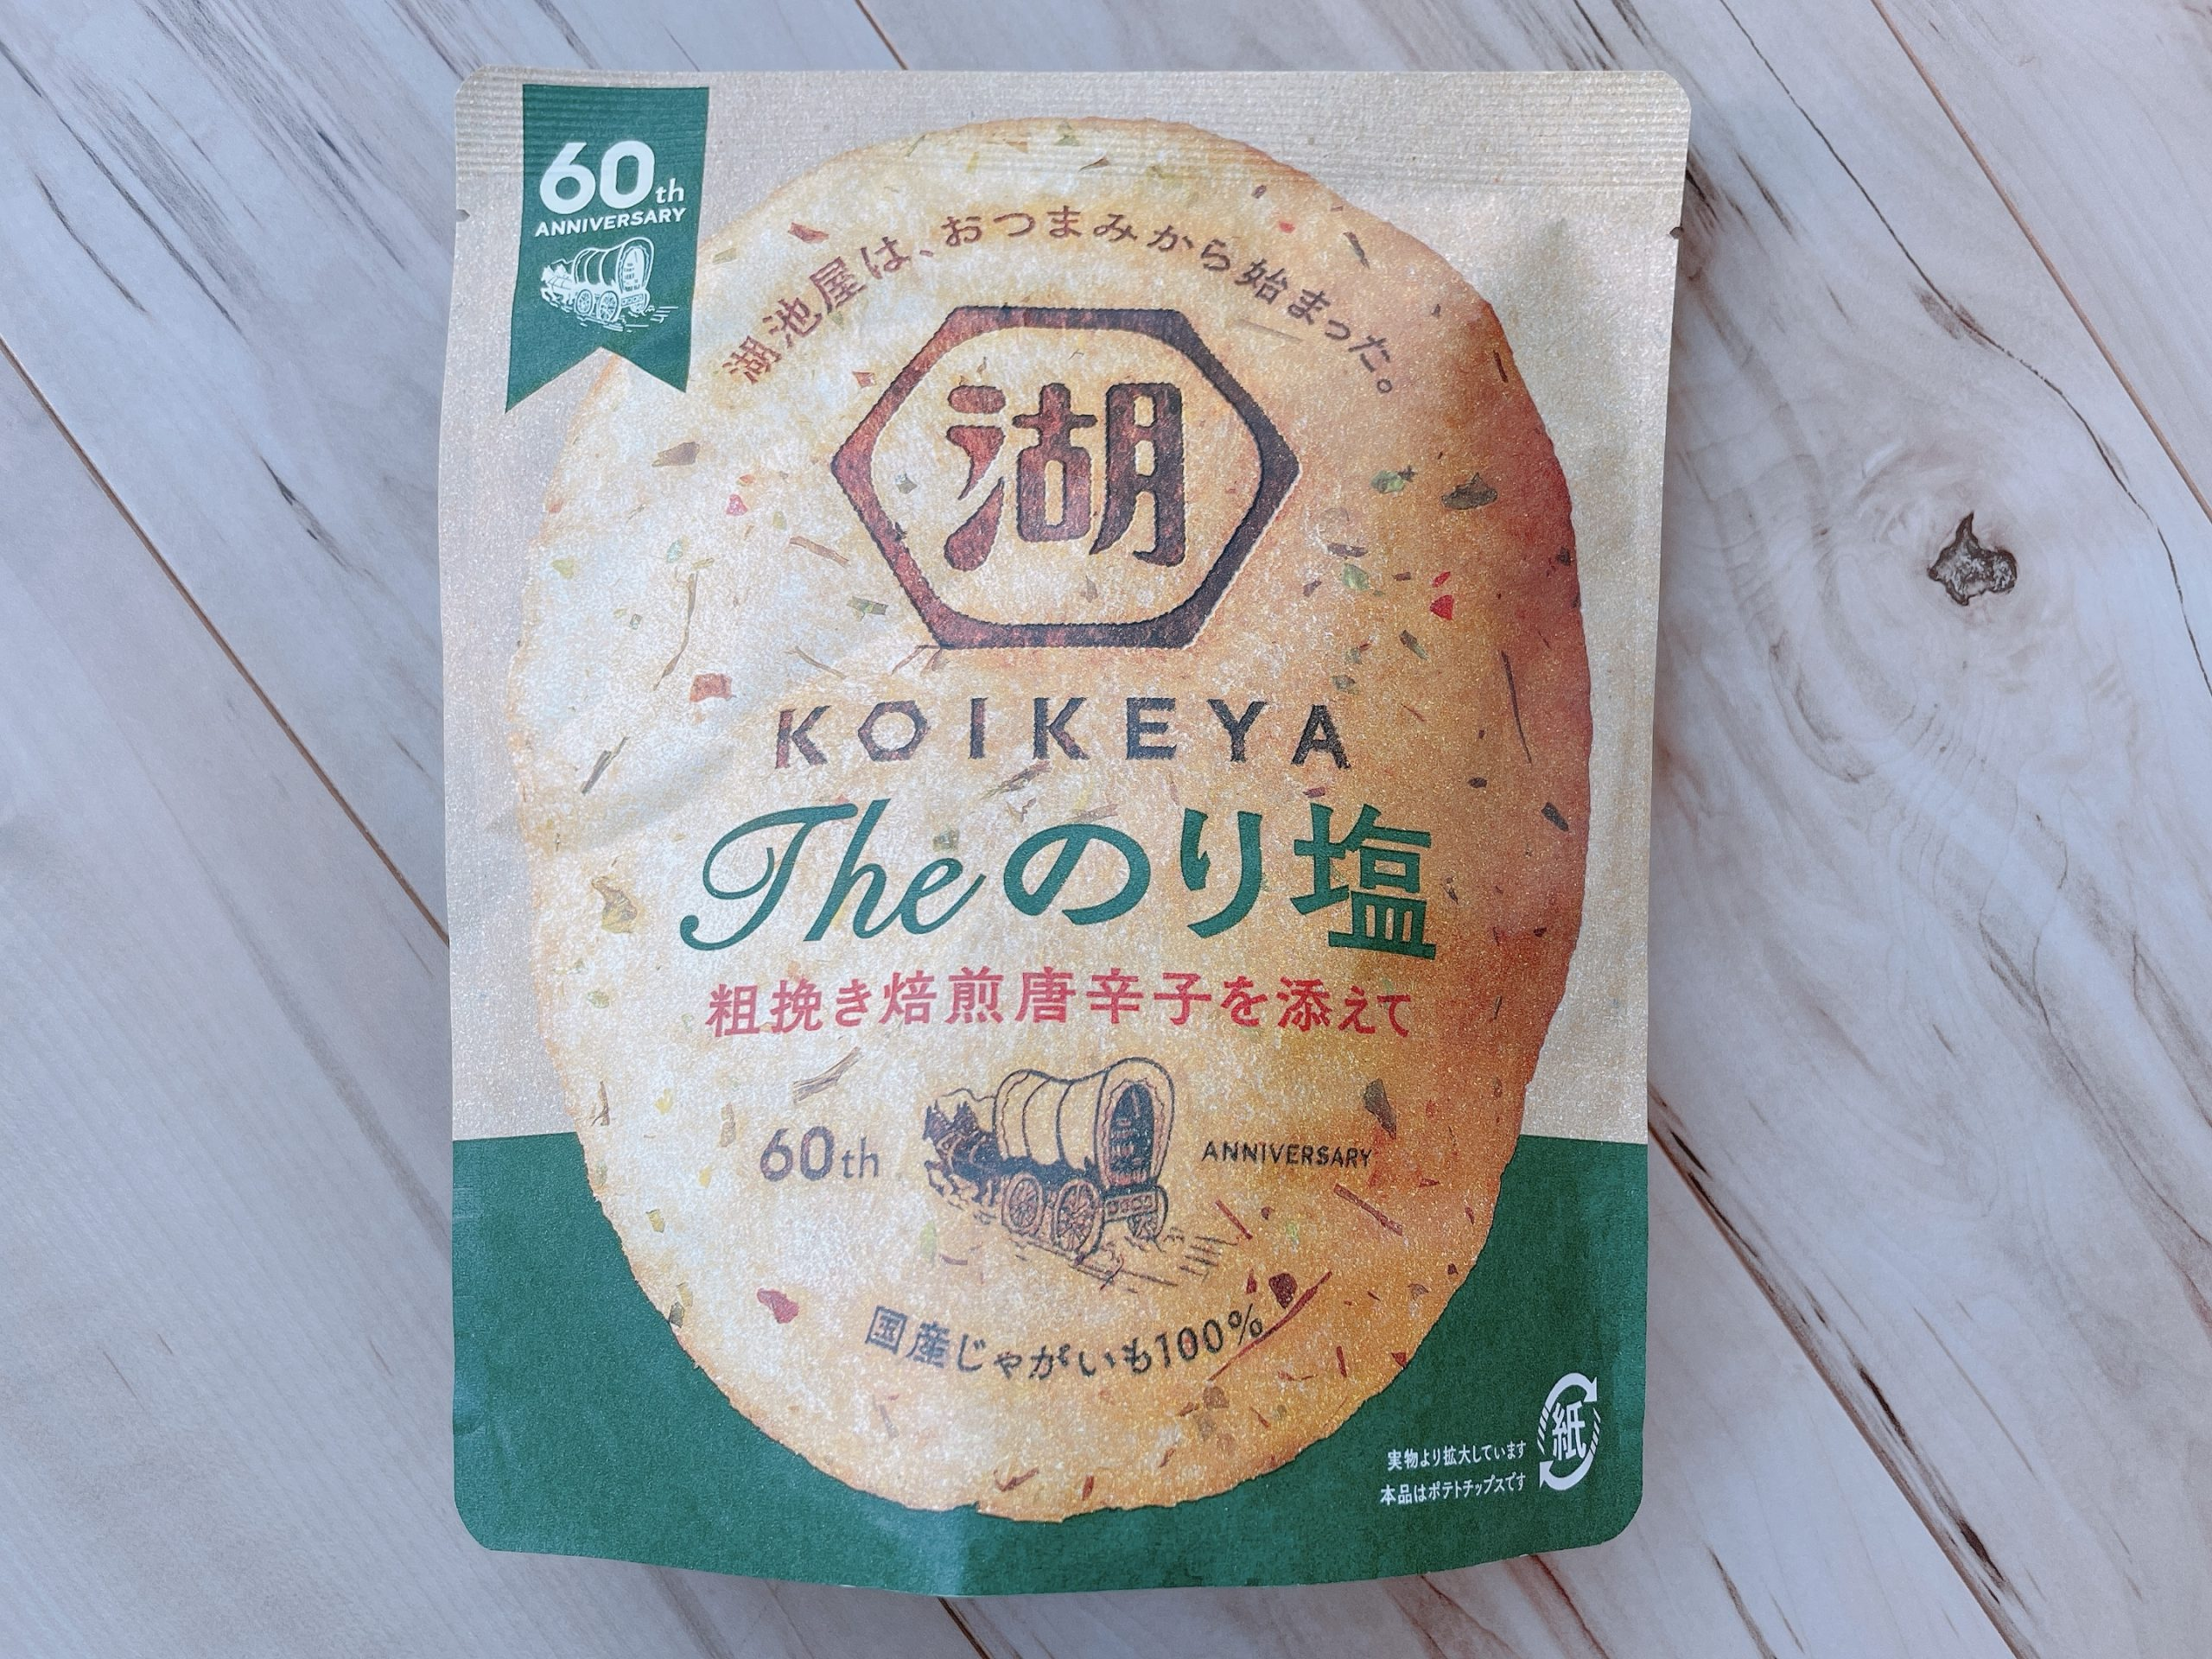 KOIKEYA The のり塩<粗挽き焙煎唐辛子を添えて>パッケージ